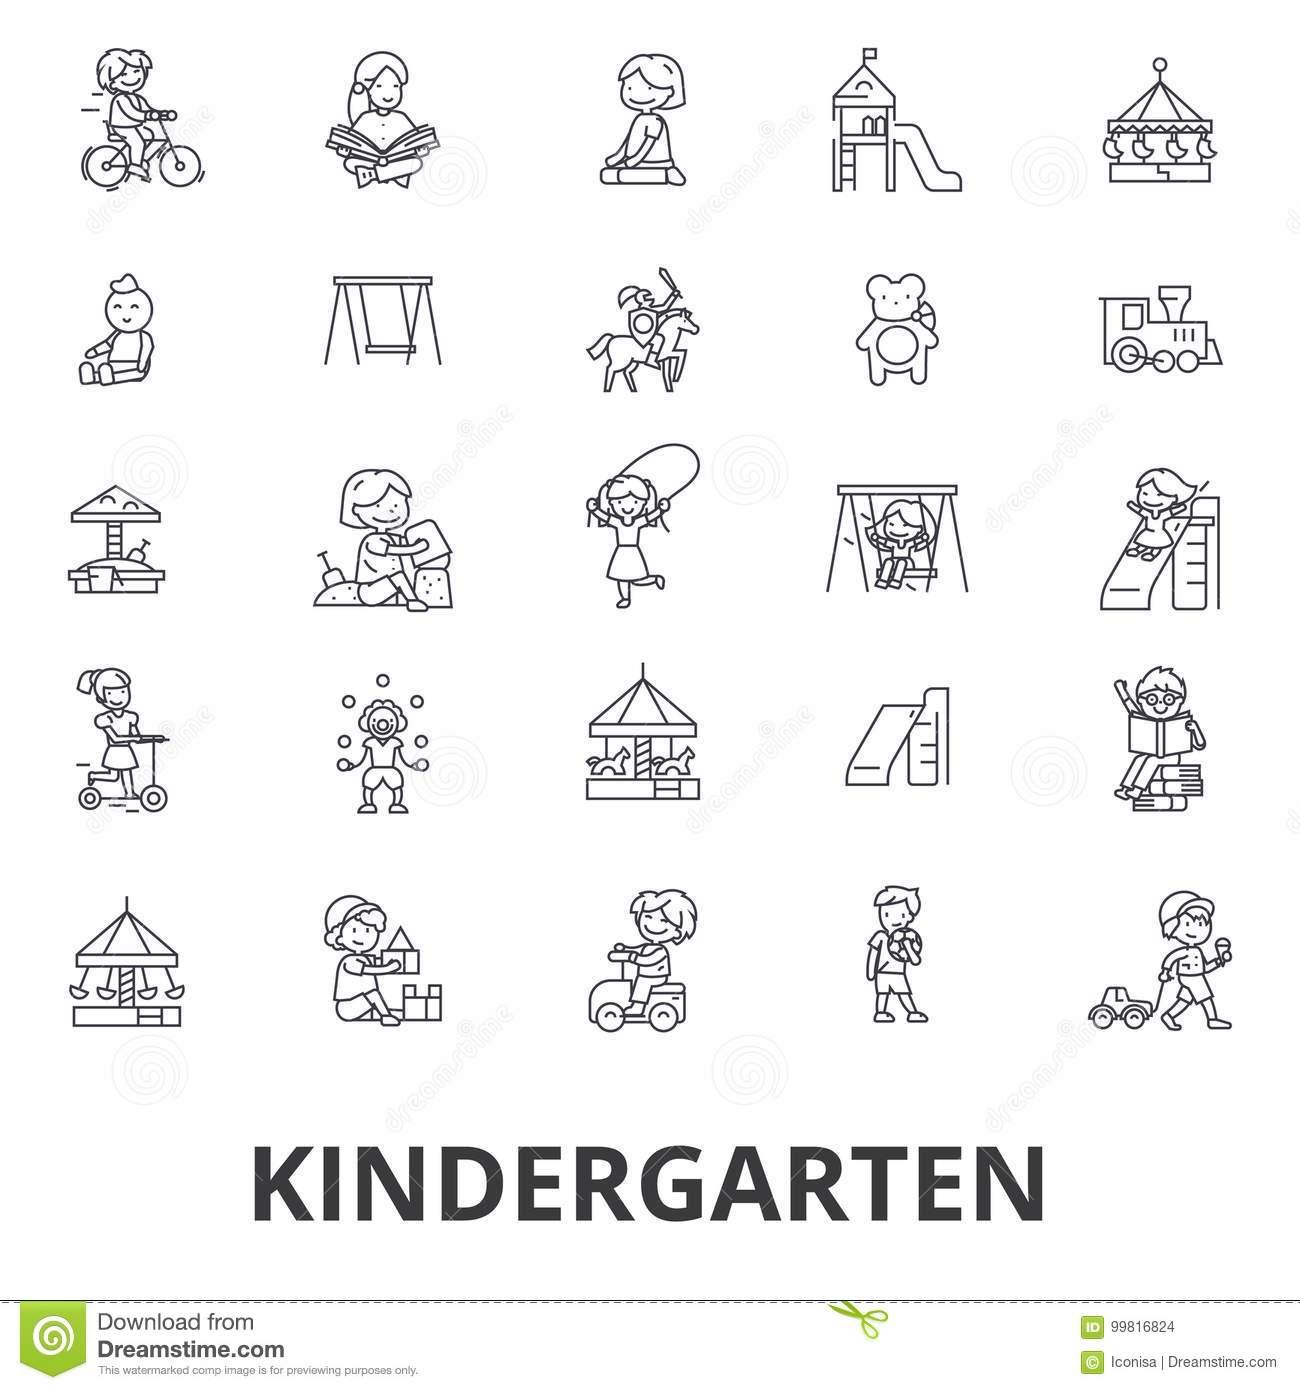 Le Jardin D'enfants, École Maternelle, Professeur, Crèche dedans Jeux Maternelle En Ligne